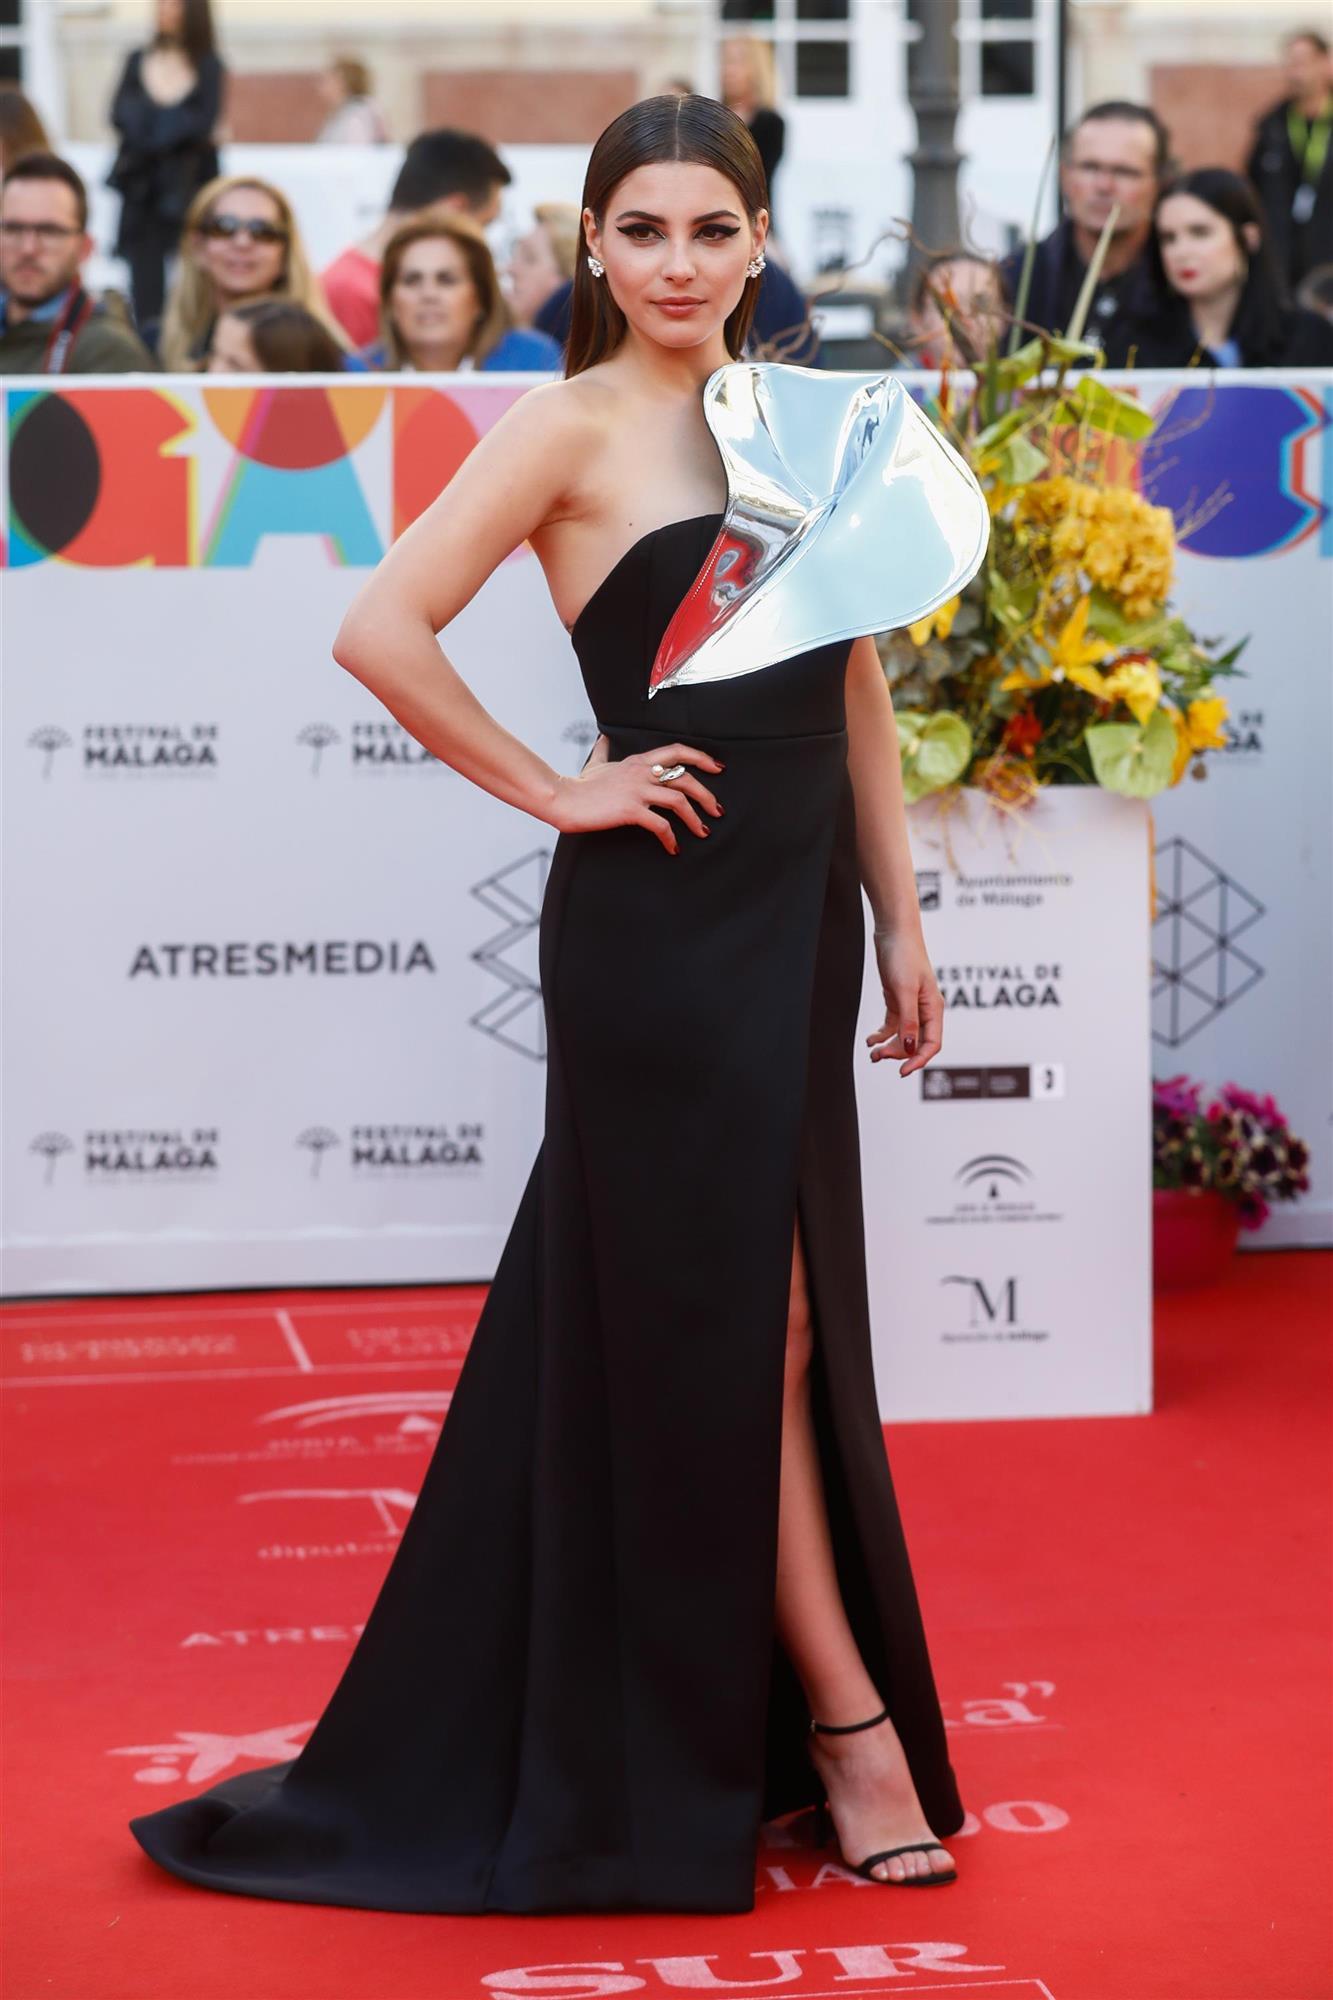 Ana Duato Piernas los mejores looks de la alfombra roja del festival de cine